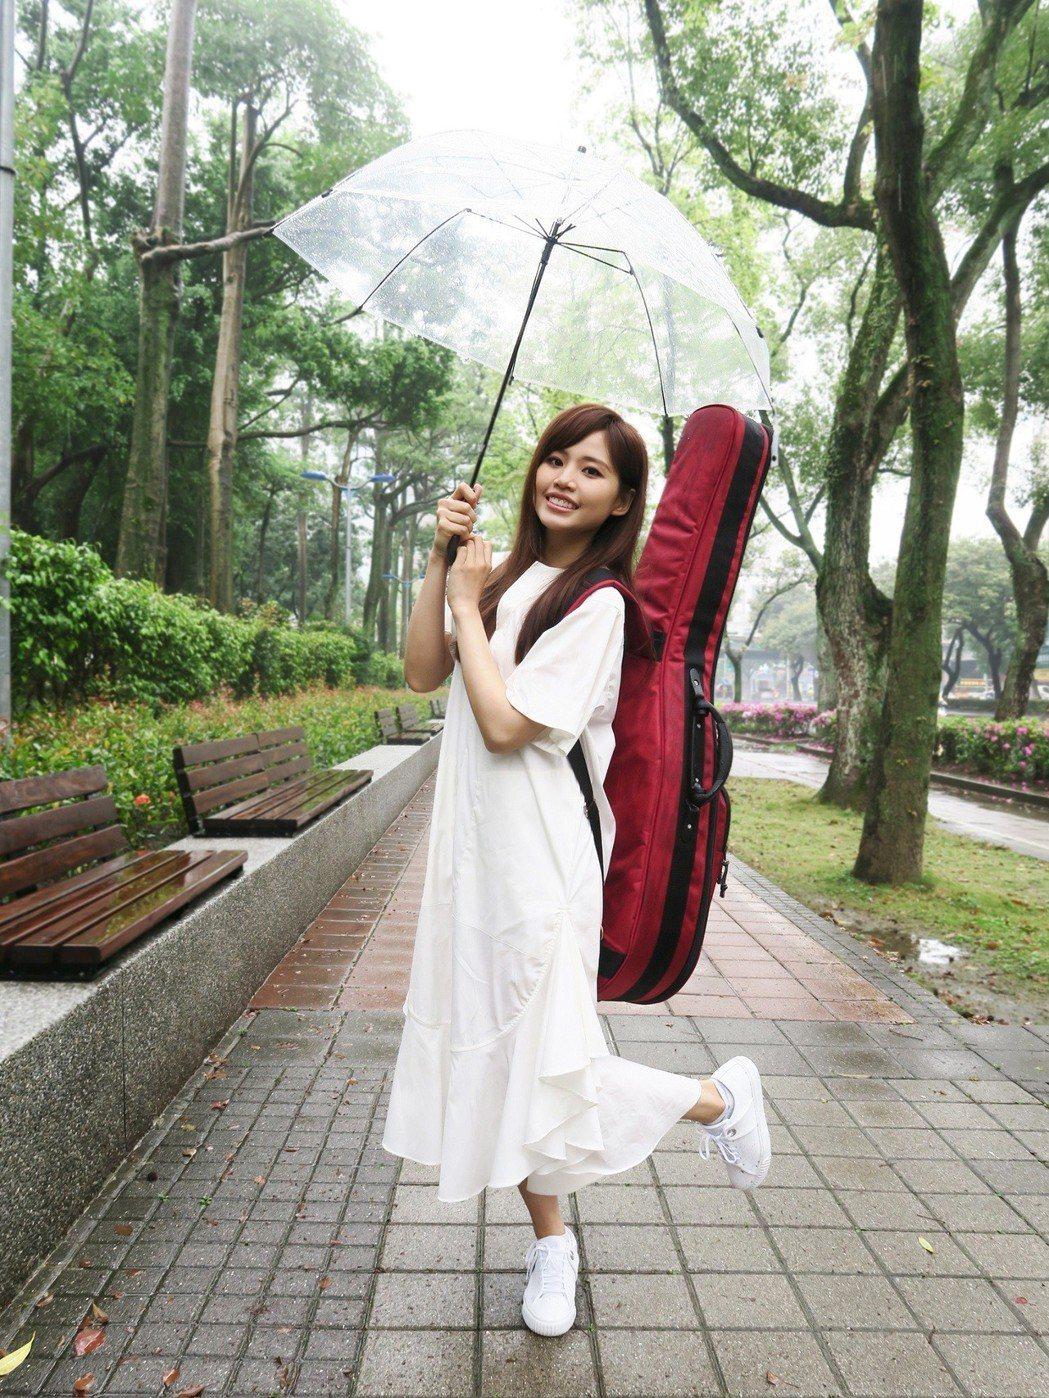 吳汶芳穿著輕薄洋裝,在低溫中冷到發抖。圖/福茂唱片提供